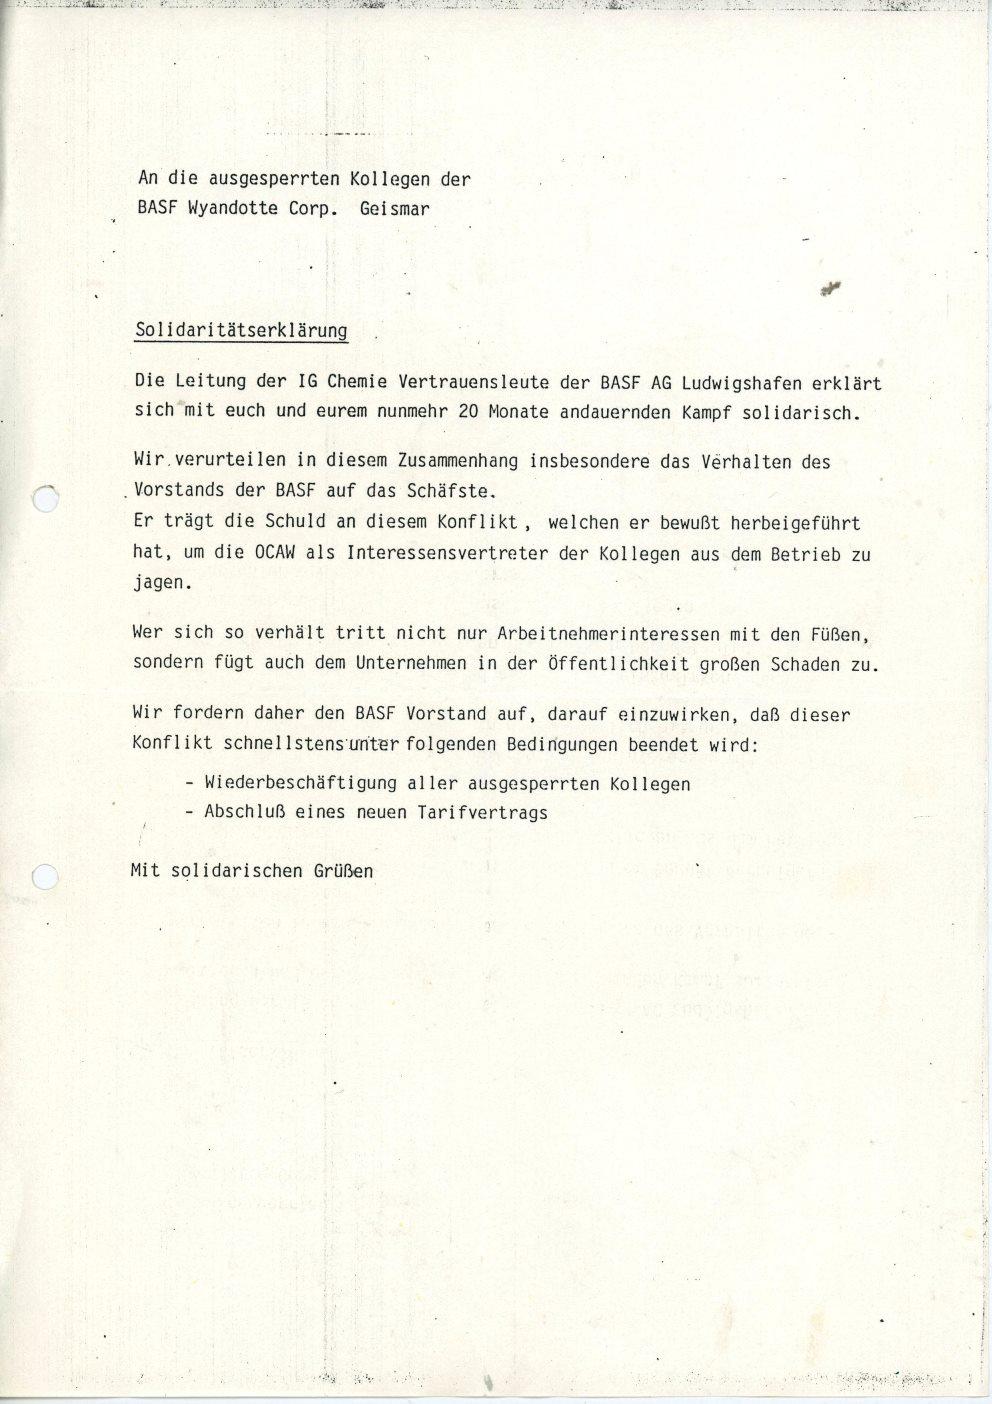 USA_BASF_Aussperrung_in_Geismar_1987_4_01